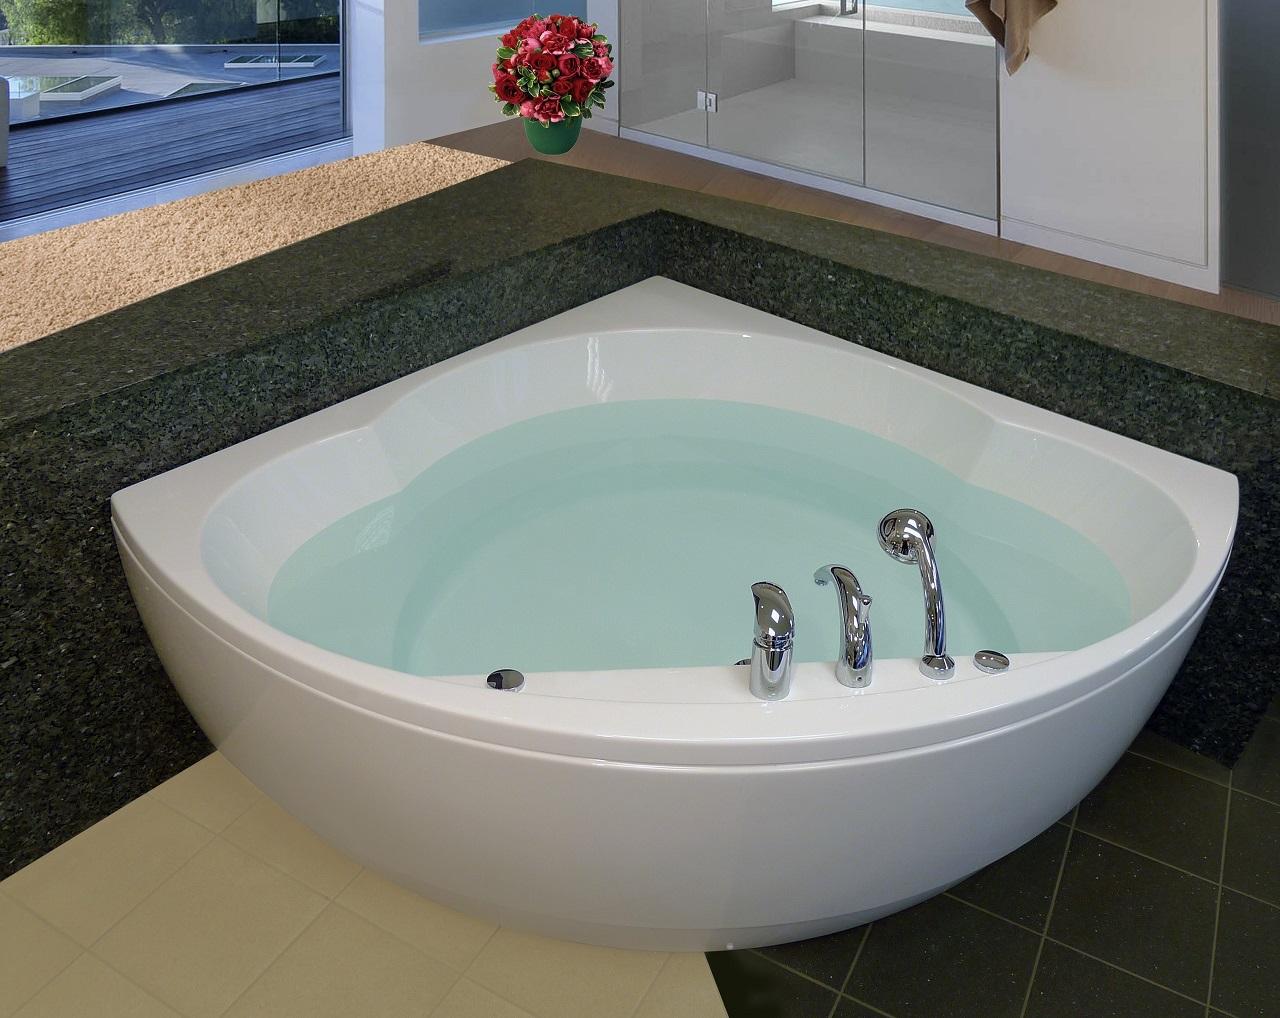 Cleopatra Corner Acrylic Bathtub by Aquatica web 1